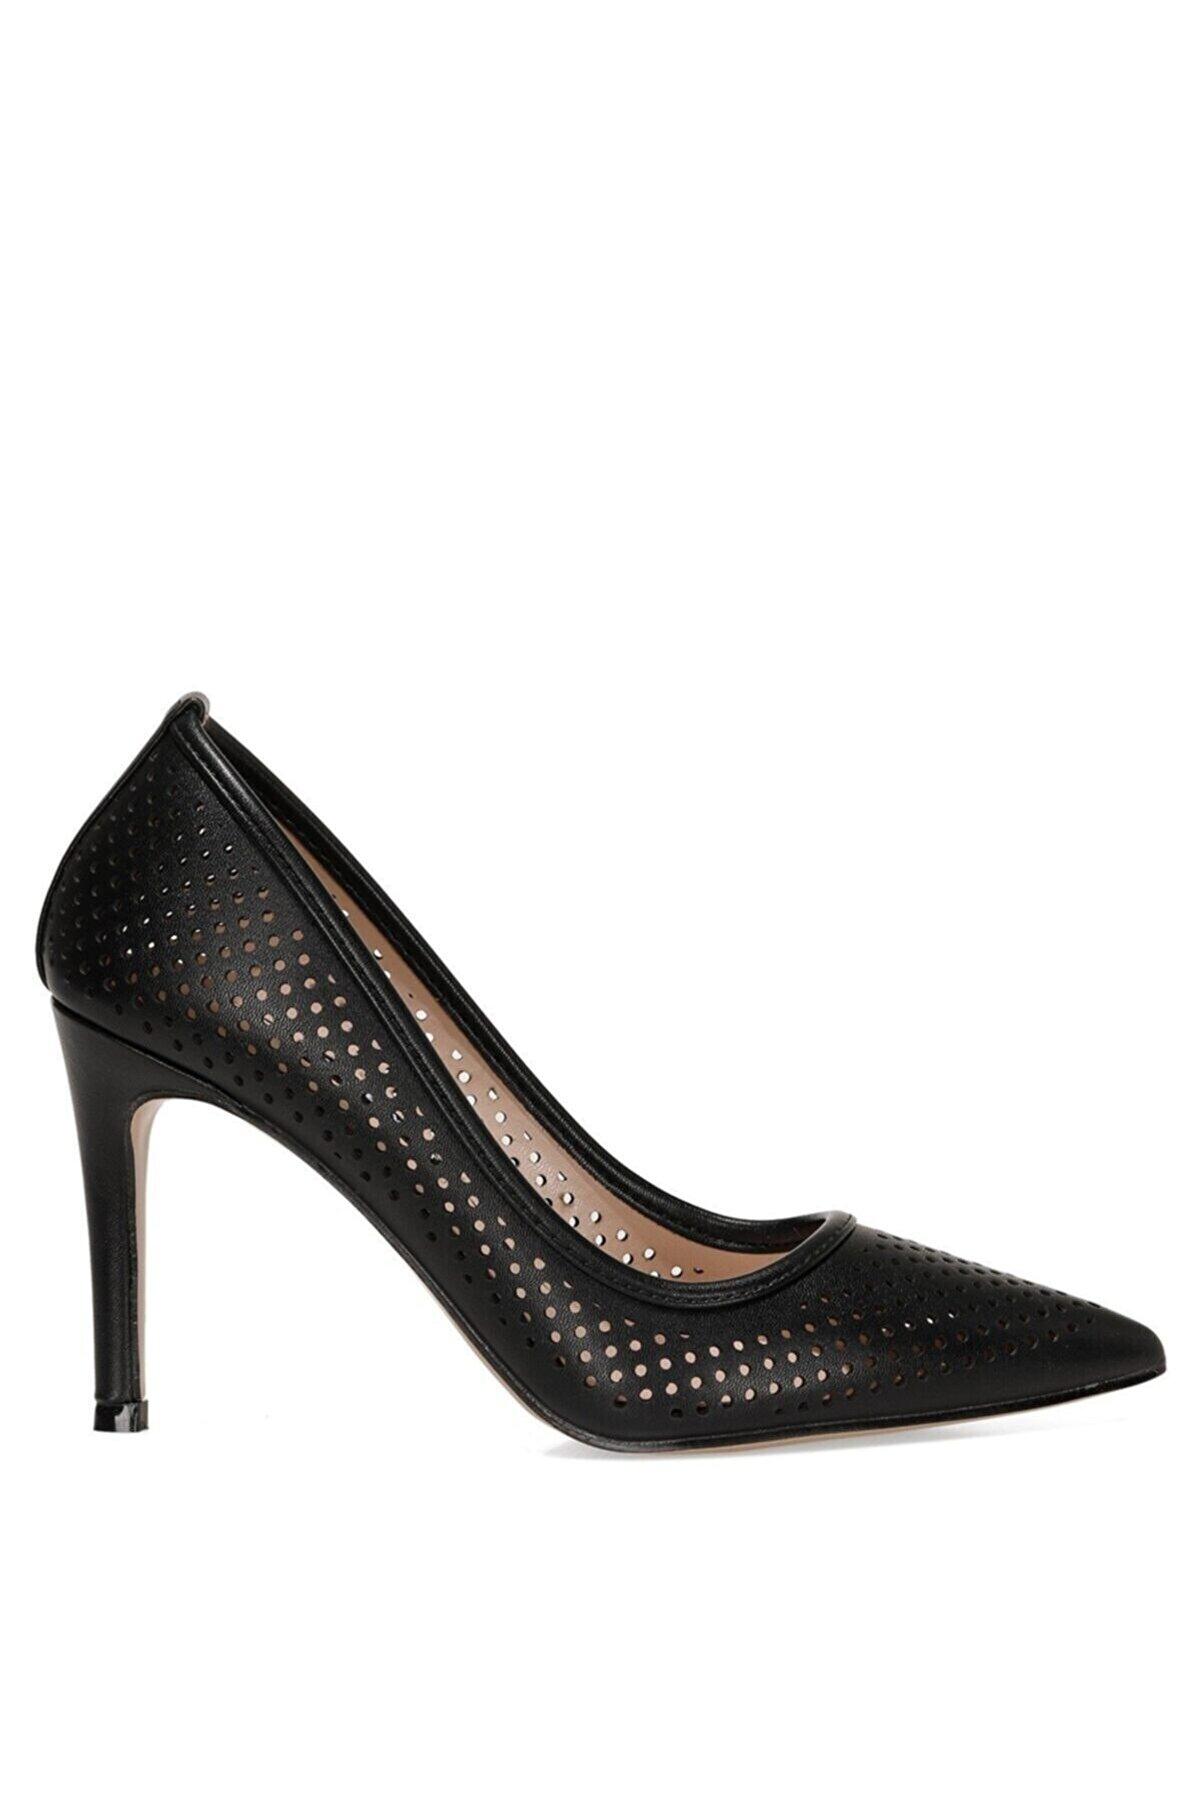 Nine West JERRIKA 1FX Siyah Kadın Klasik Topuklu Ayakkabı 101007984